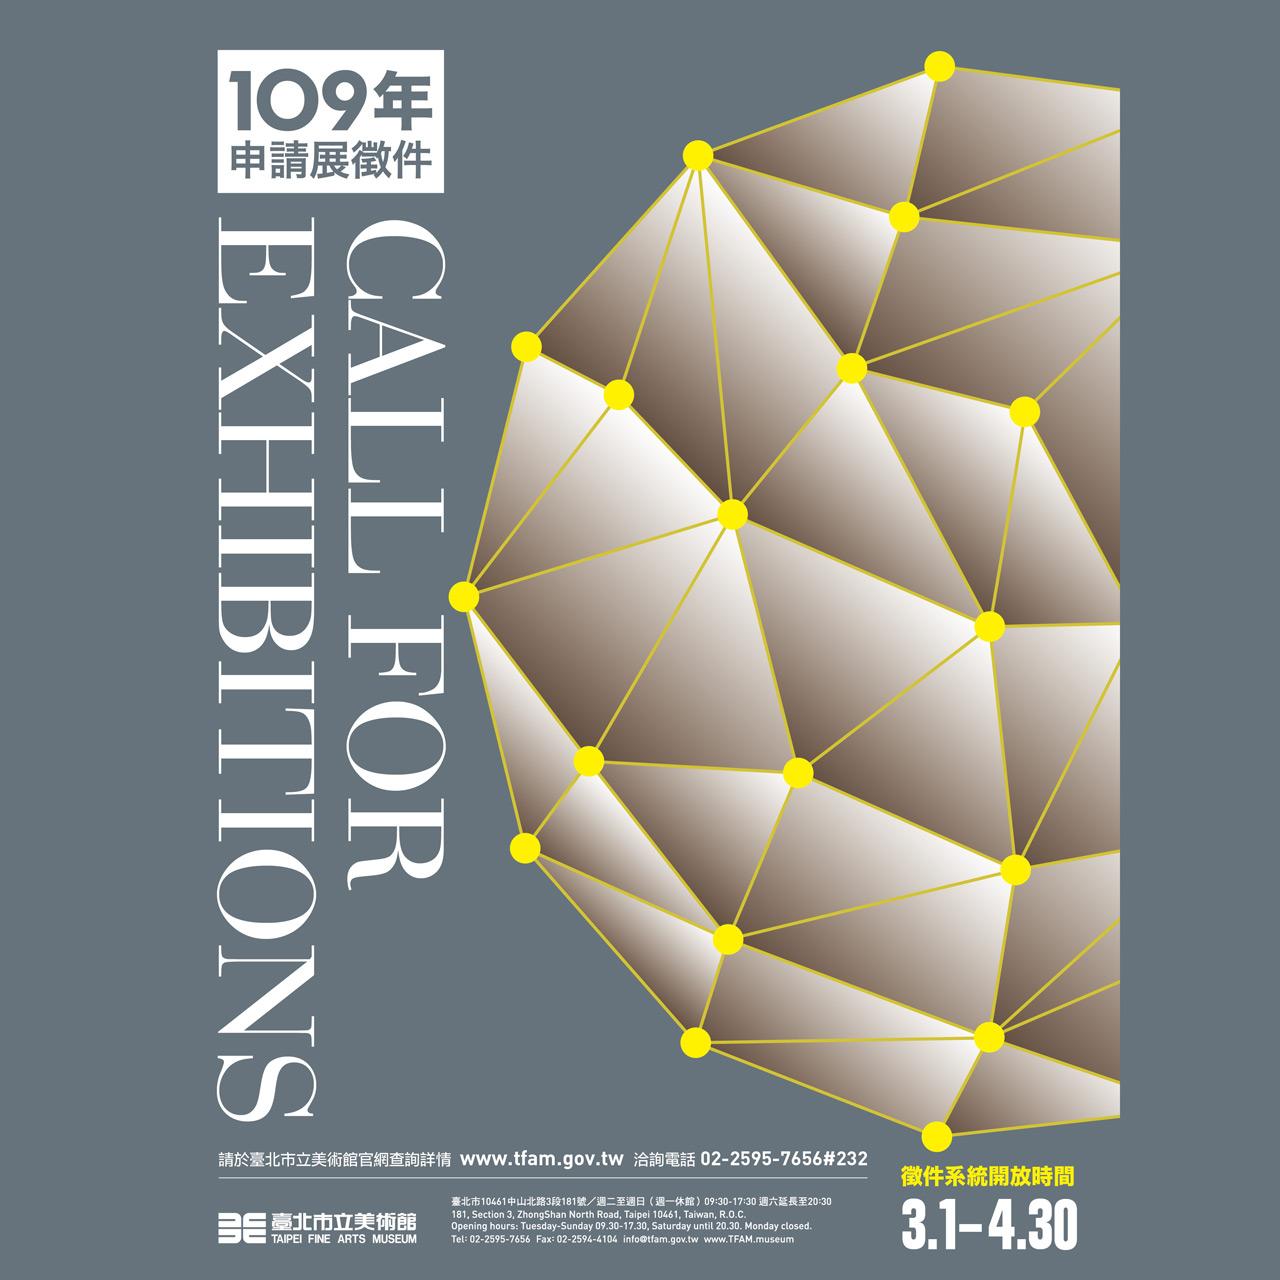 臺北市立美術館。109年申請展線上徵件